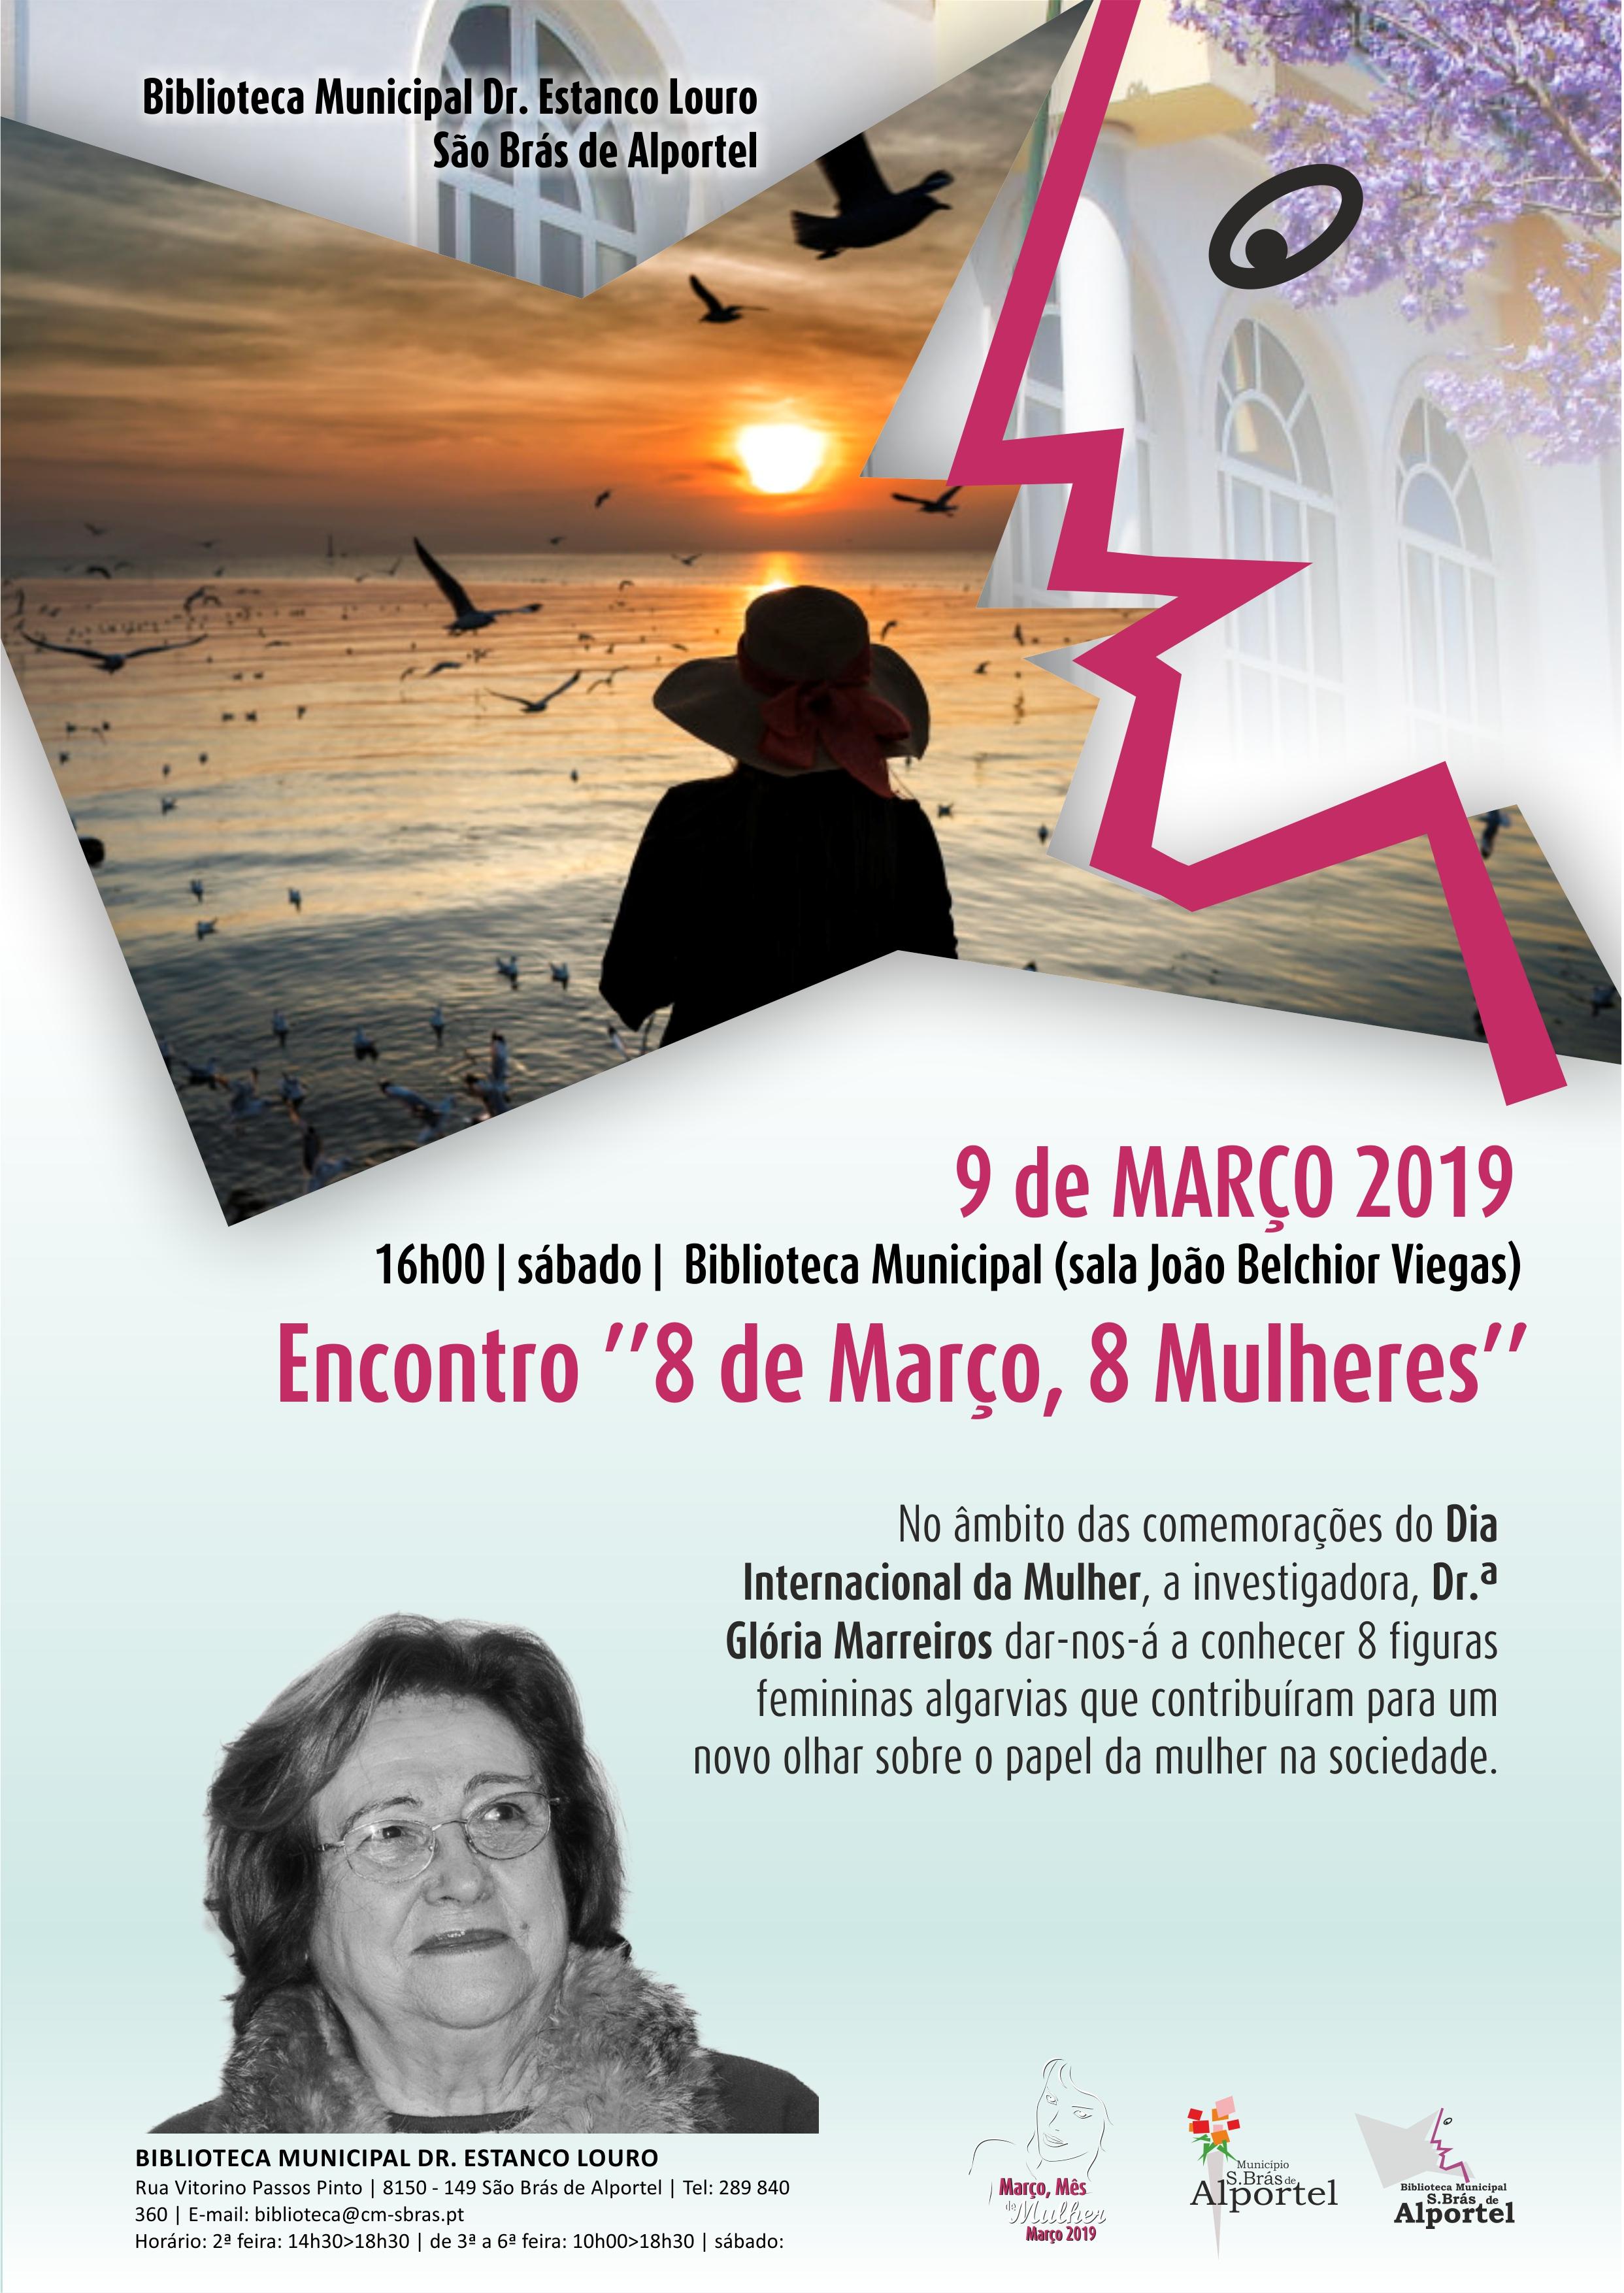 cartaz do encontro 8 de março, 8 mulheres